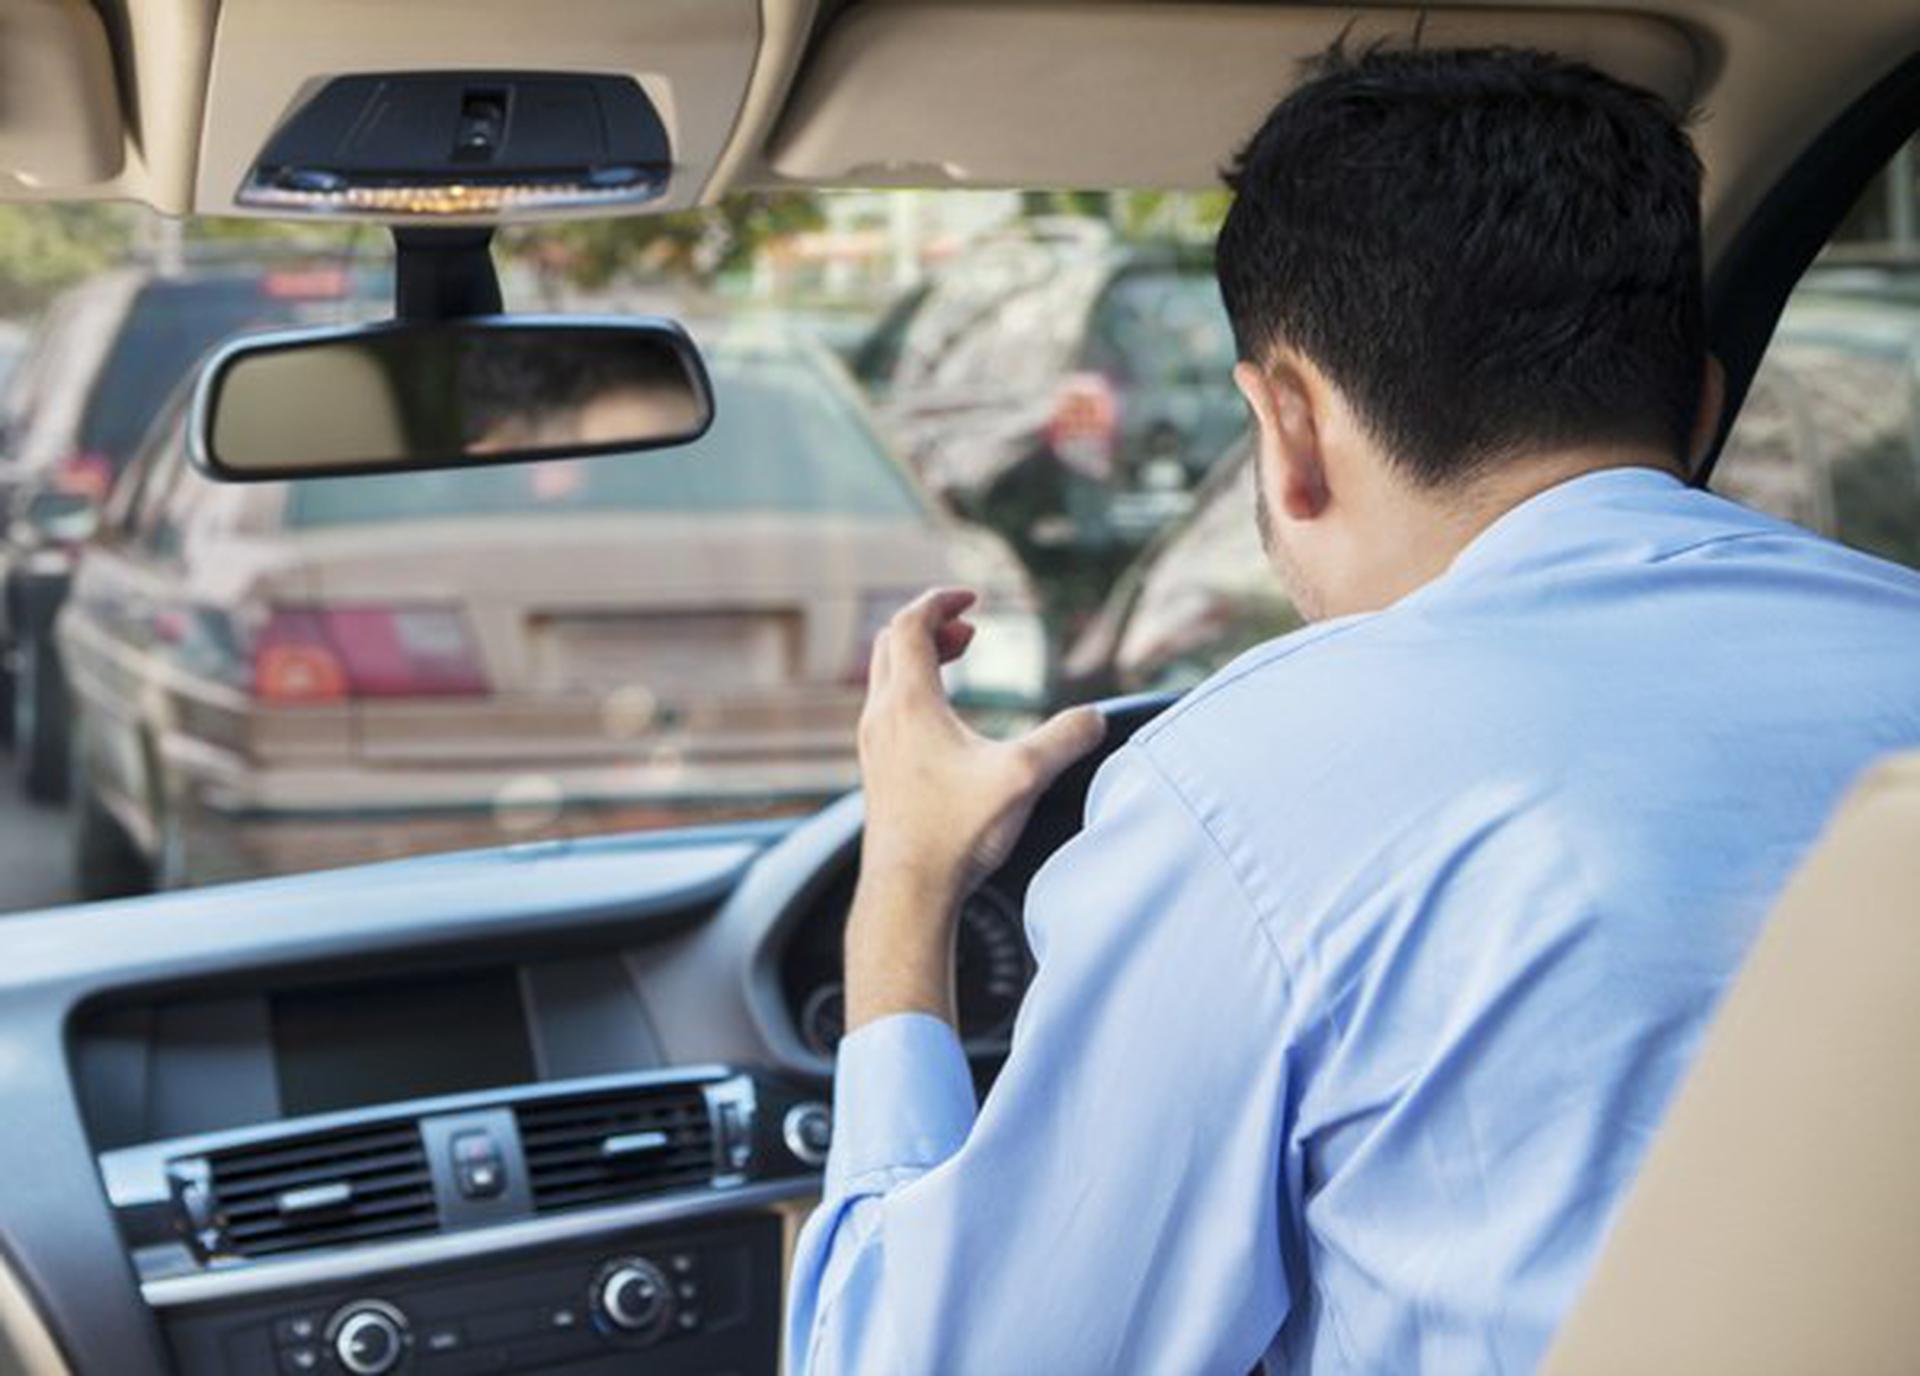 Aggressive Driver Stuck in Traffic